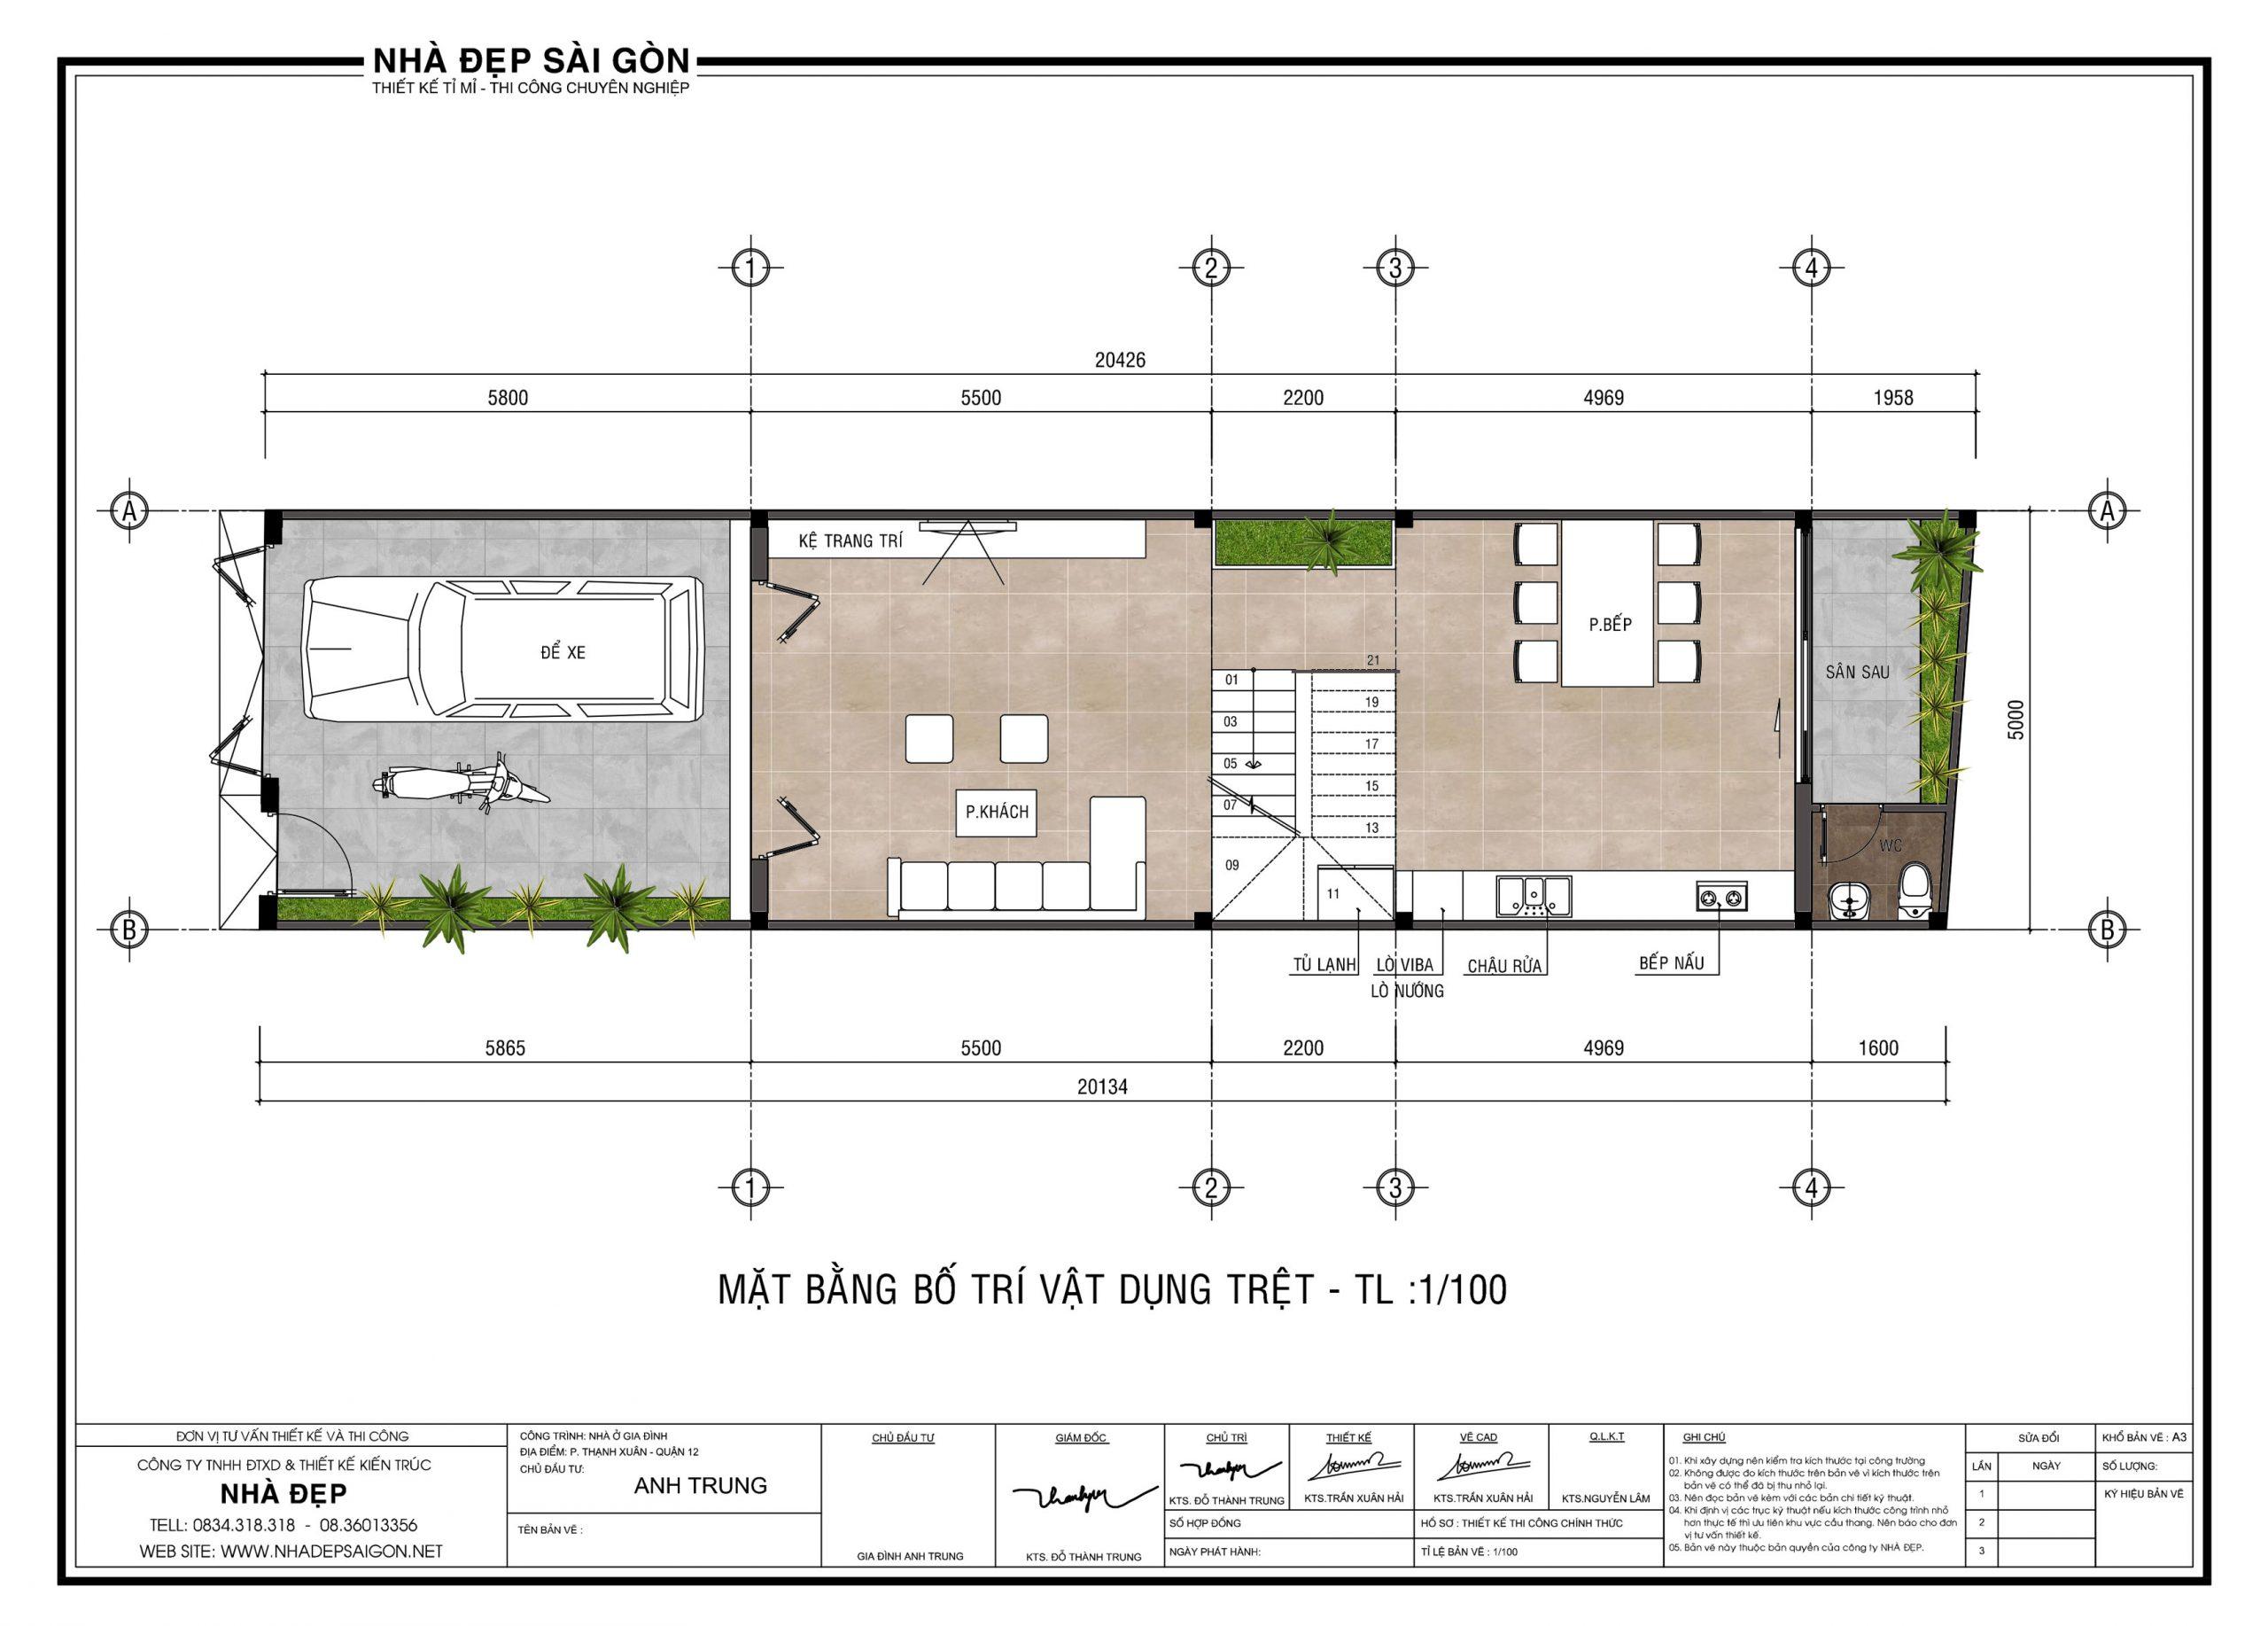 Tư vấn thiết kế nhà 5x20 cho gia đình trẻ. tầng 1